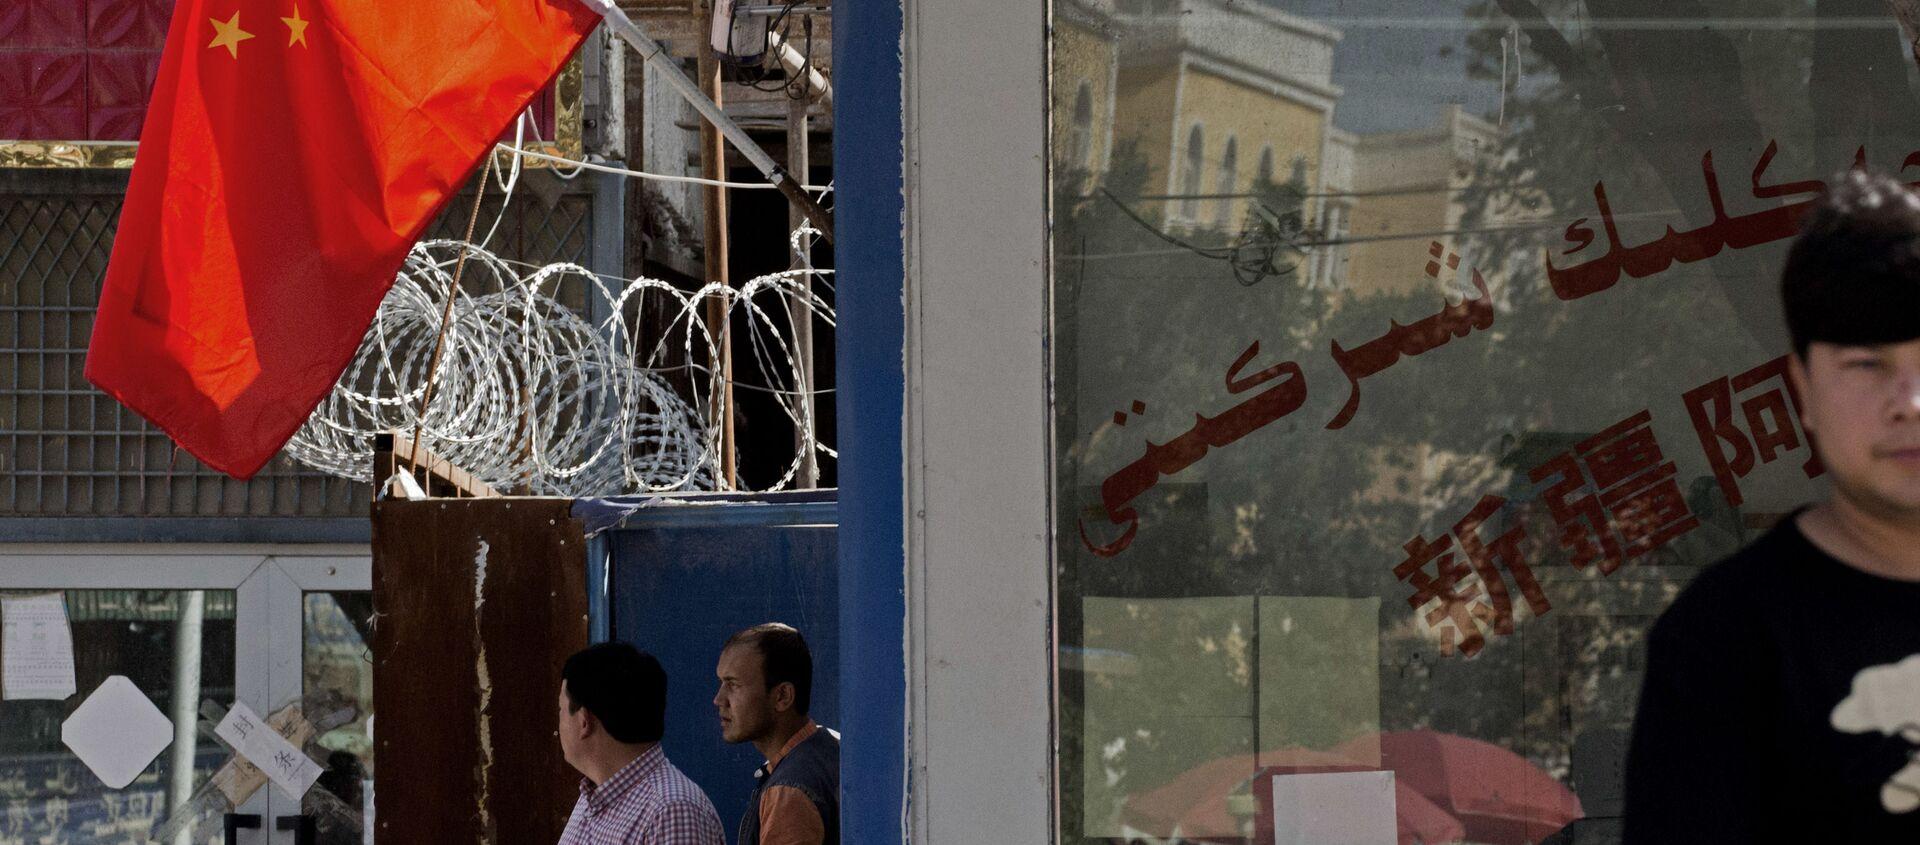 中国人女性が証言 拉致、収監先のドバイにある中国の極秘刑務所にウイグル人らも - Sputnik 日本, 1920, 17.08.2021